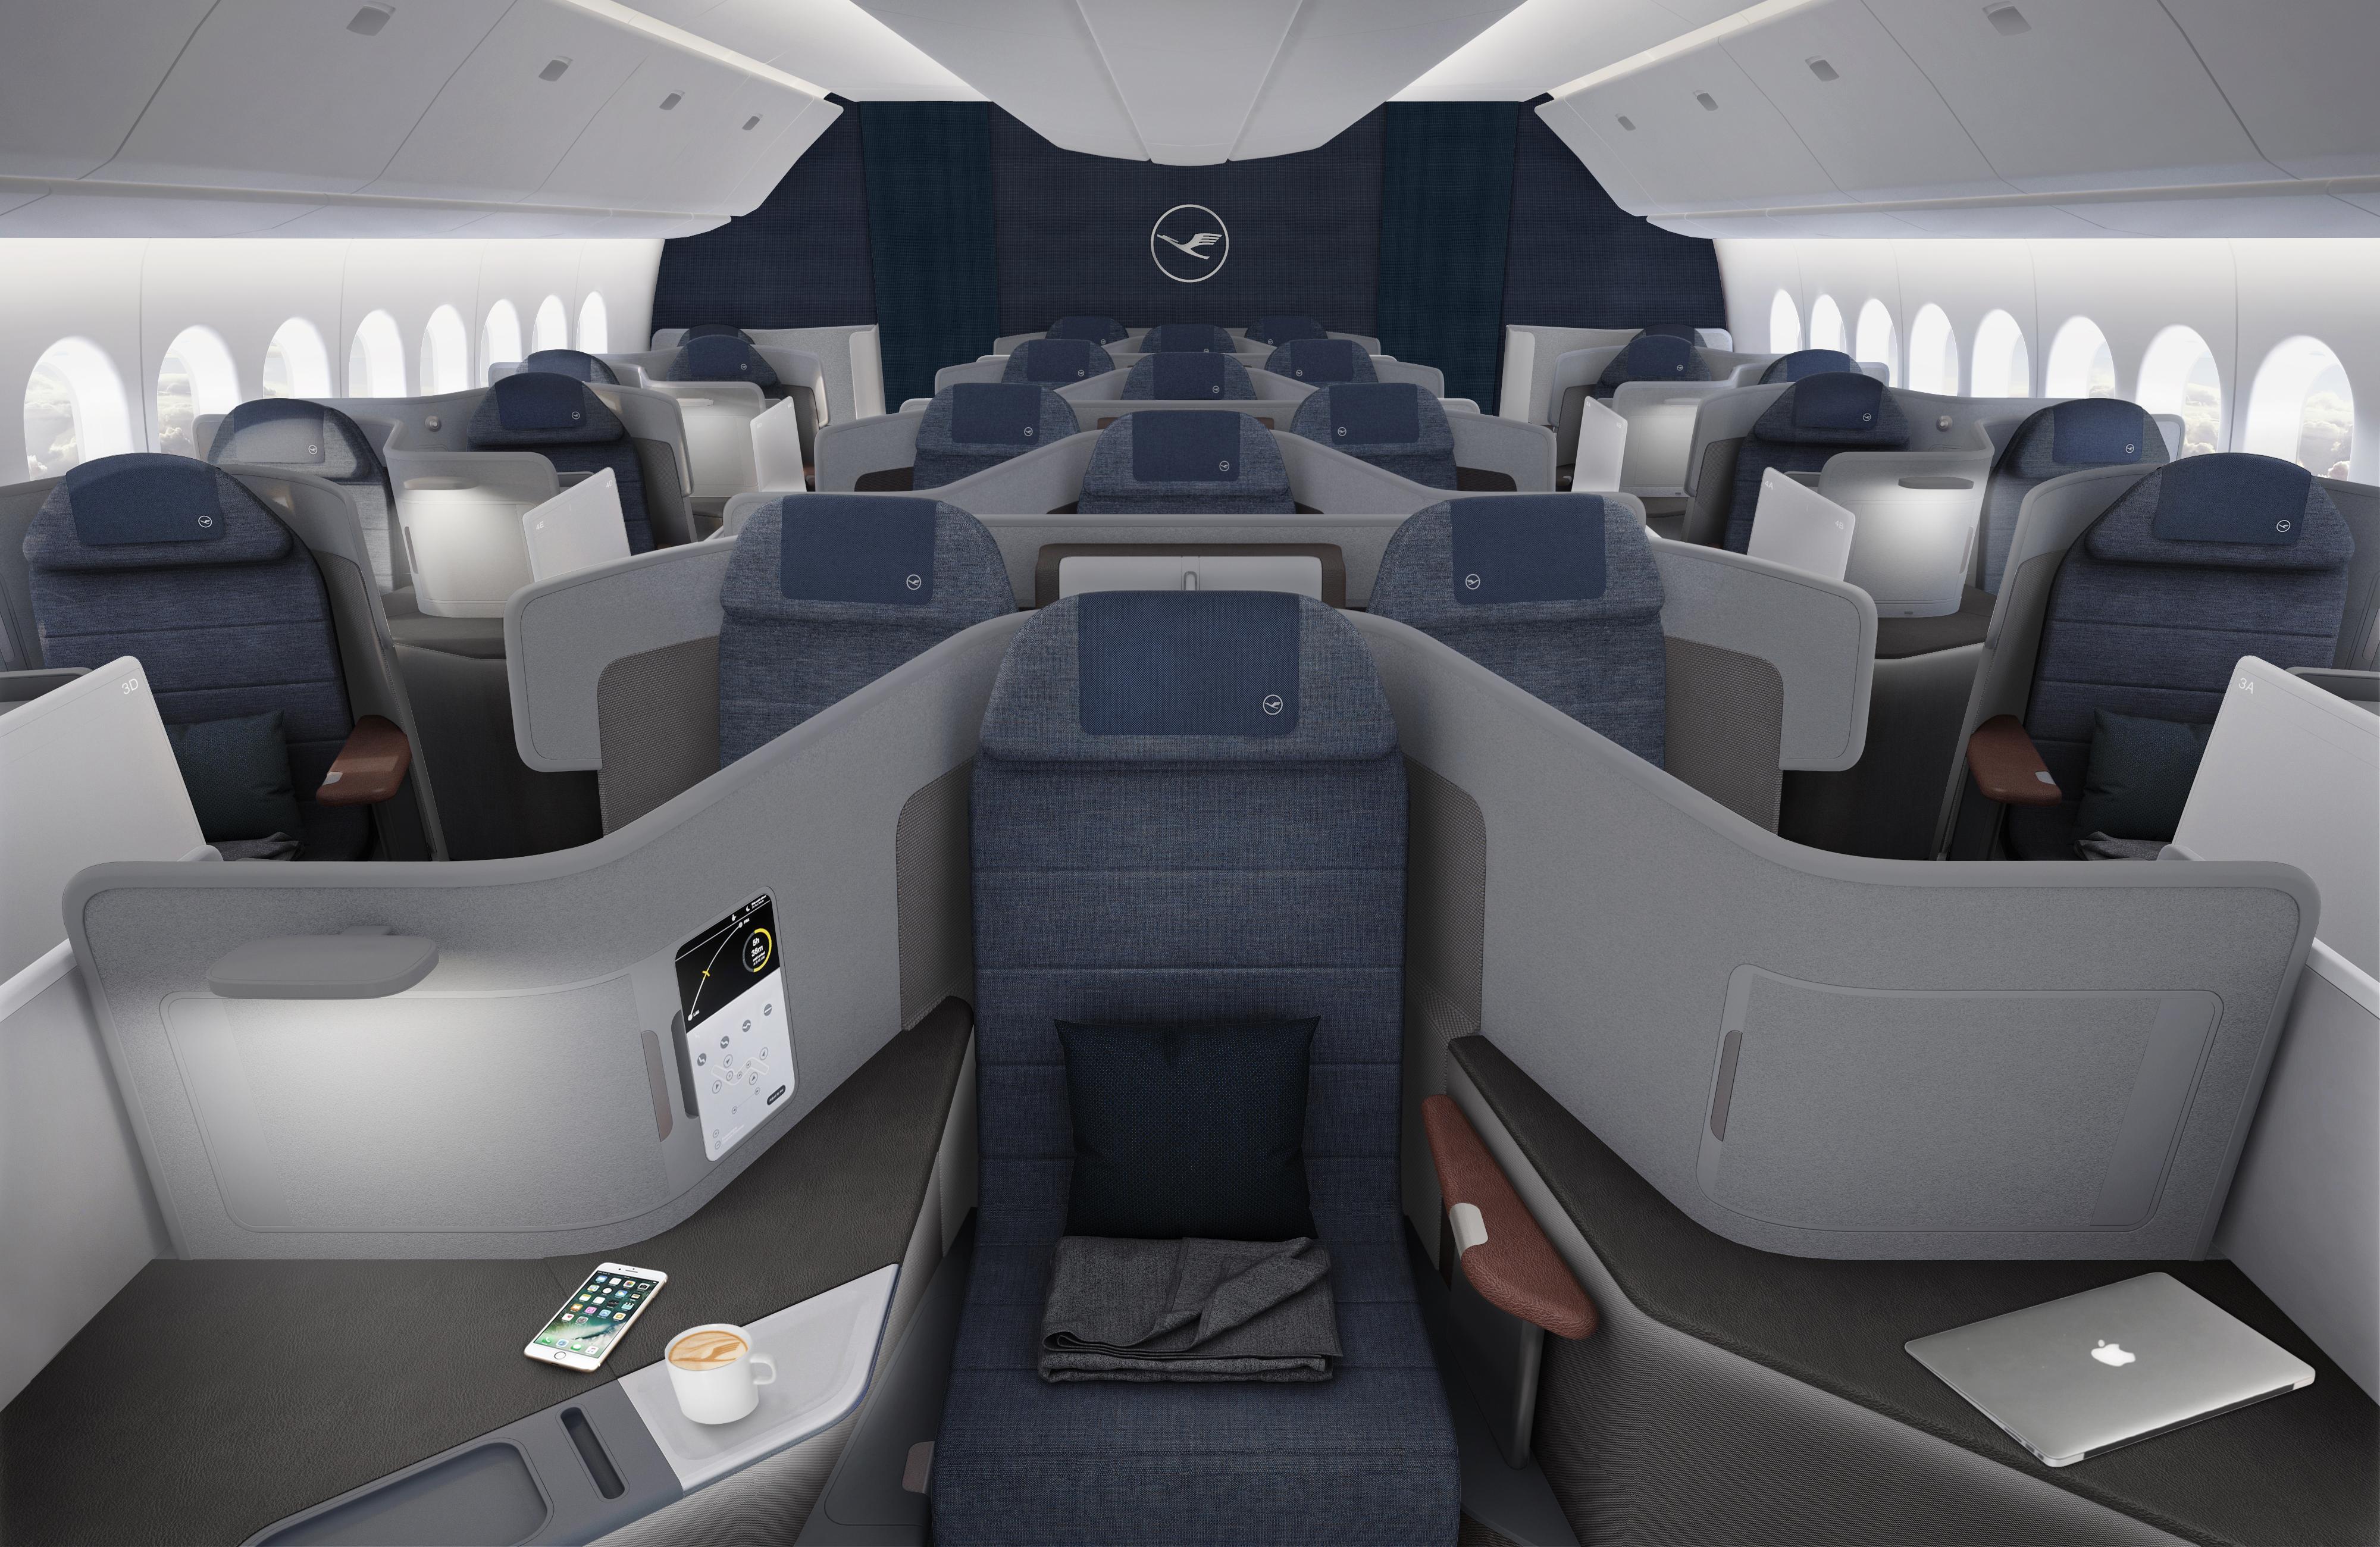 New Business Class on Lufthansa.